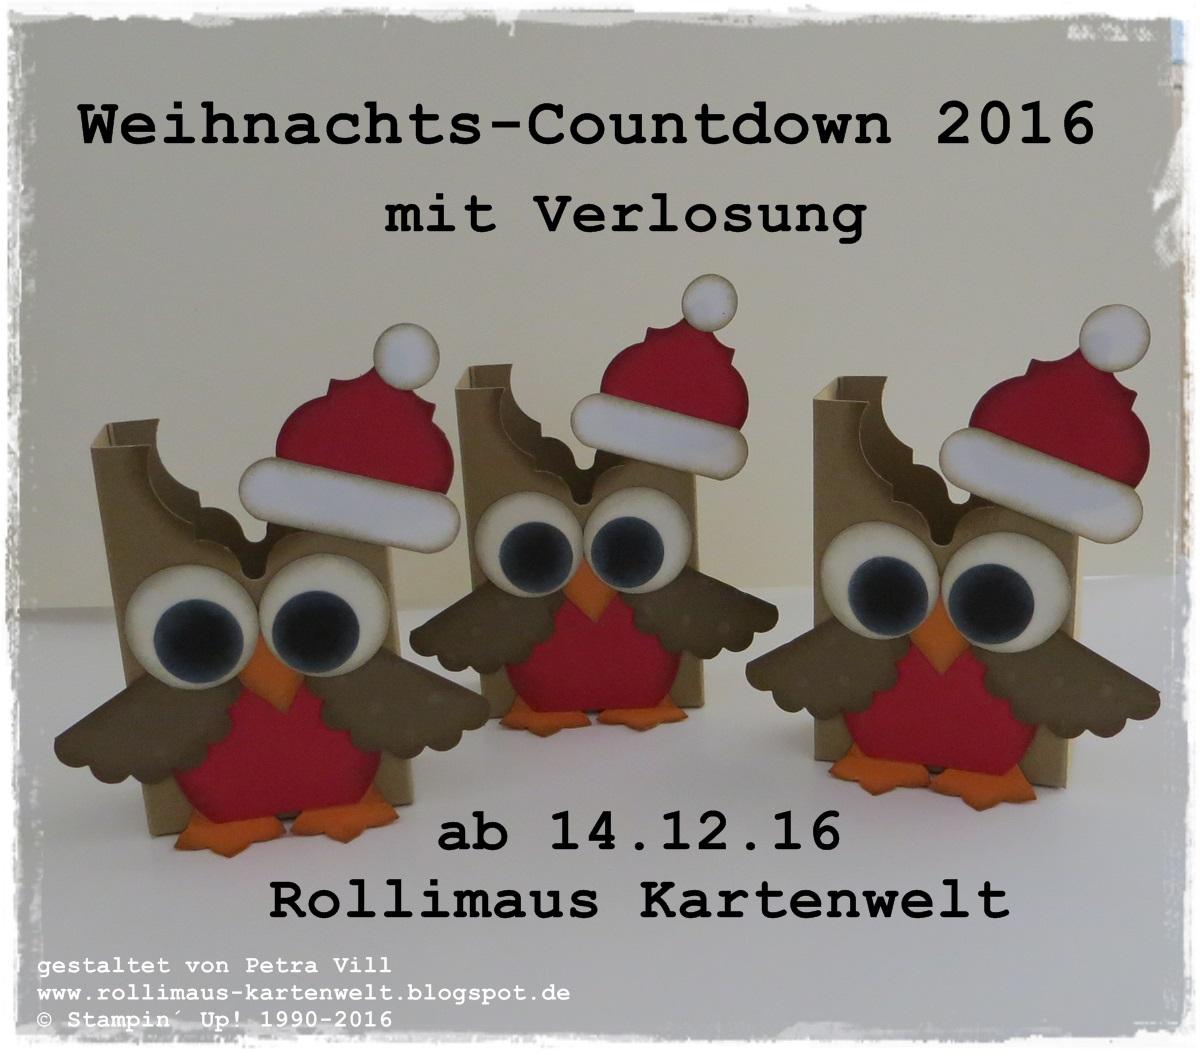 rollimaus kartenwelt weihnachts countdown 10 tage